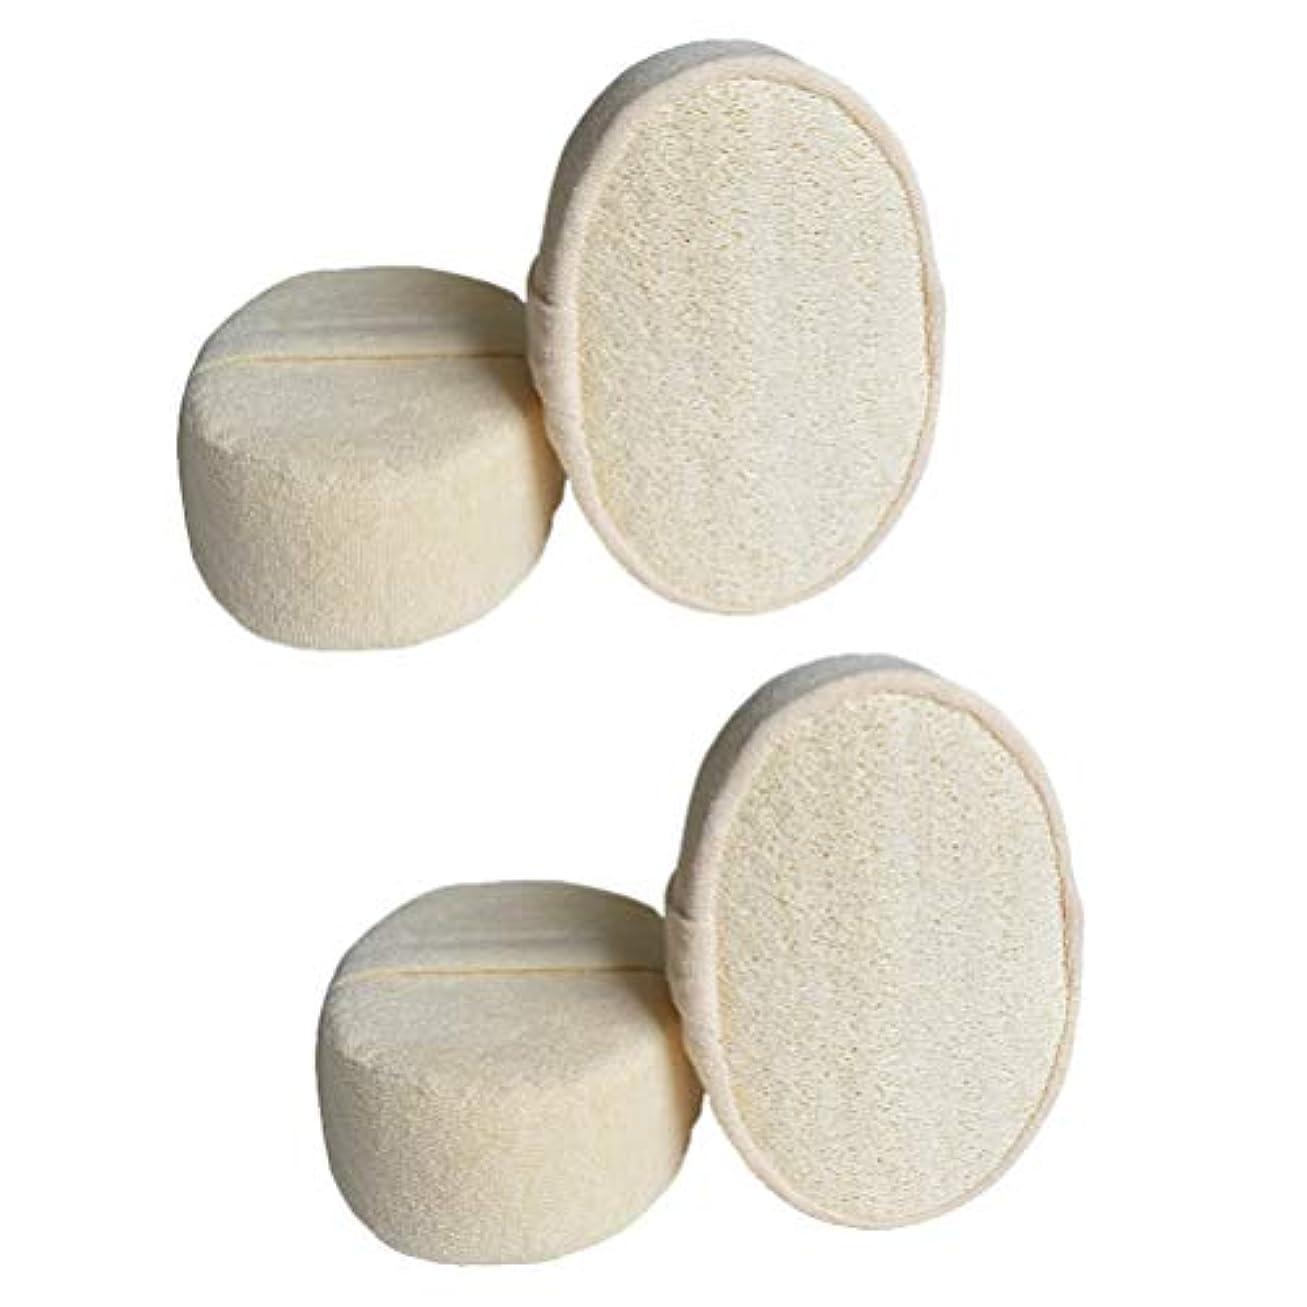 納税者犯人送料Healifty 4ピース剥離剥離剤パッドloofaスポンジスクラバーブラシ用風呂スパシャワー